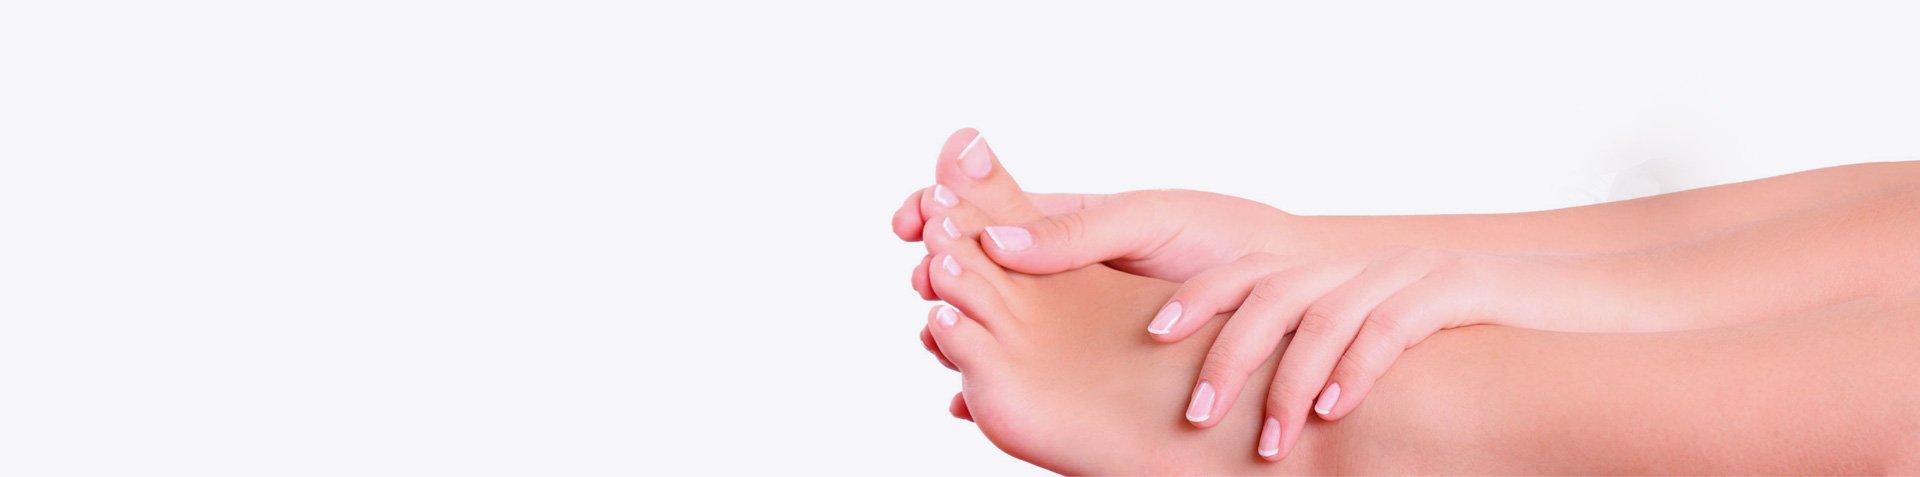 Deixe seus pés em nossas mãos